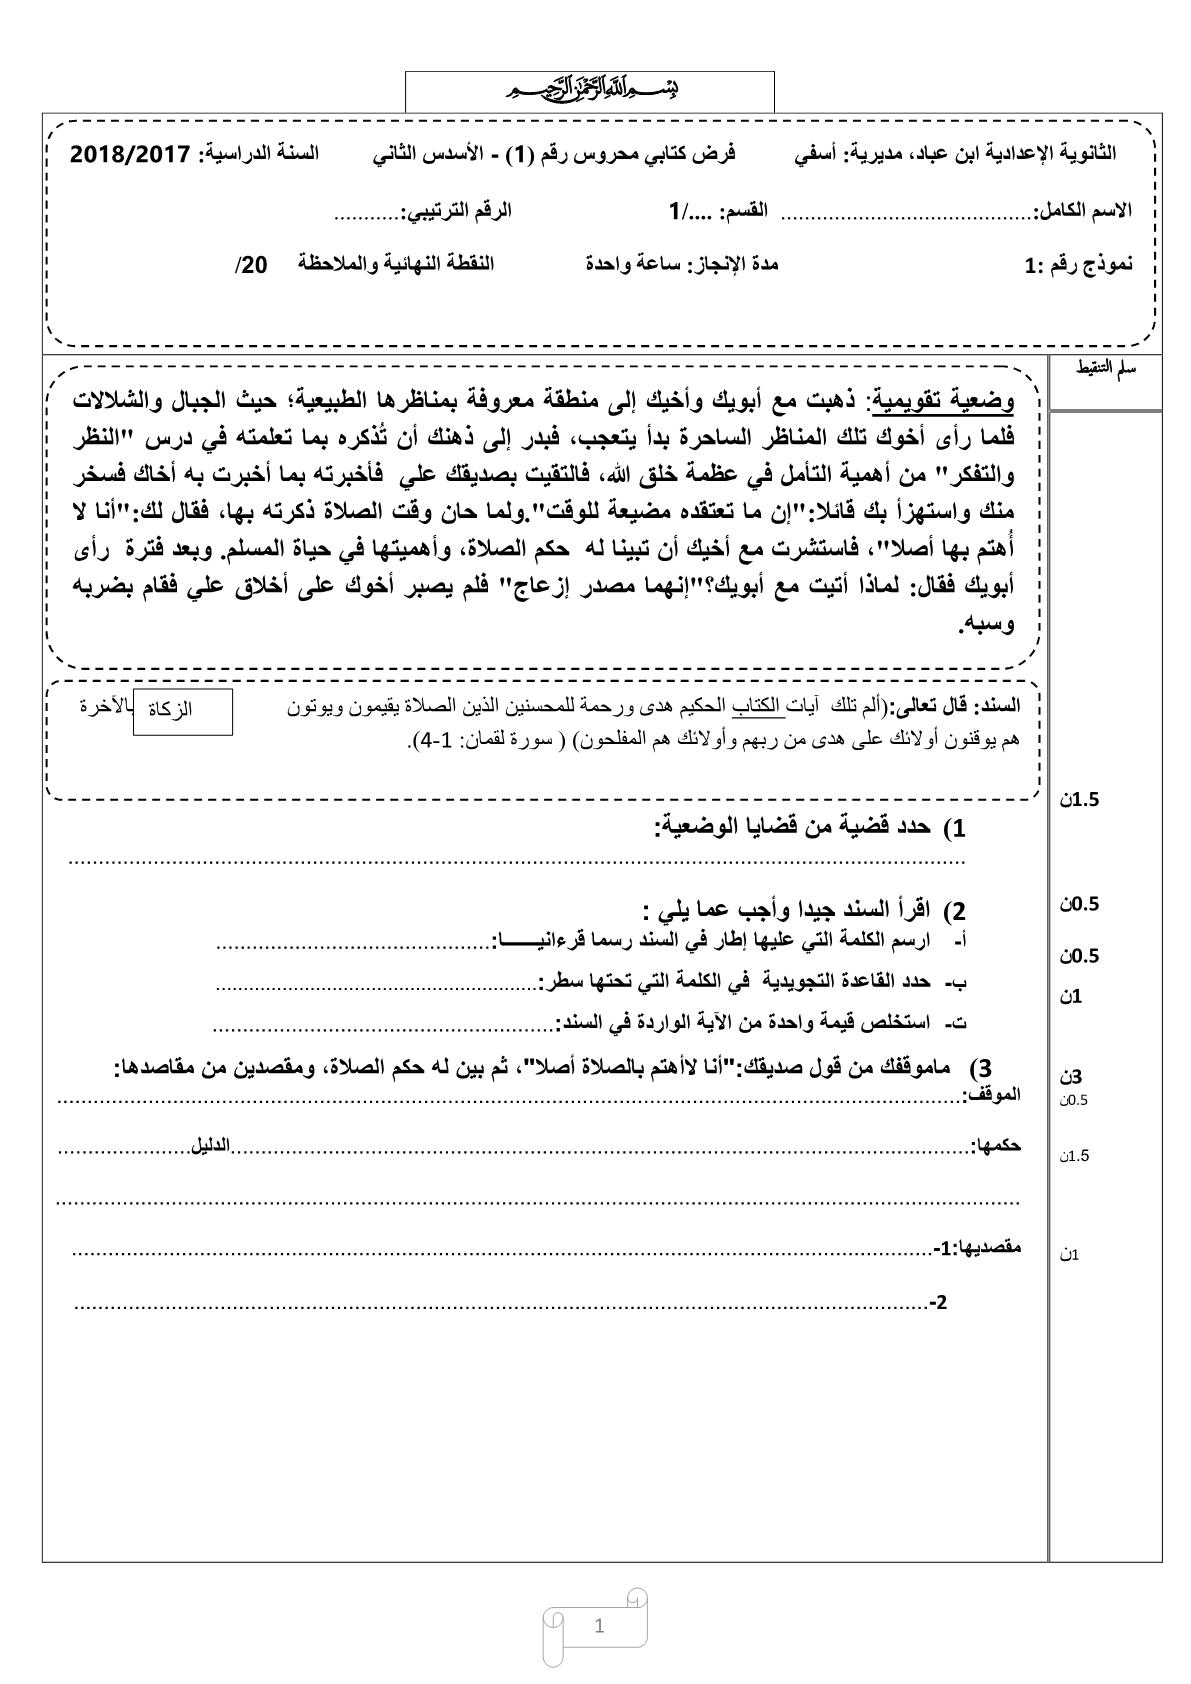 الفرض الثاني في مادة التربية الإسلامية الدورة الثانية للسنة الأولى إعدادي